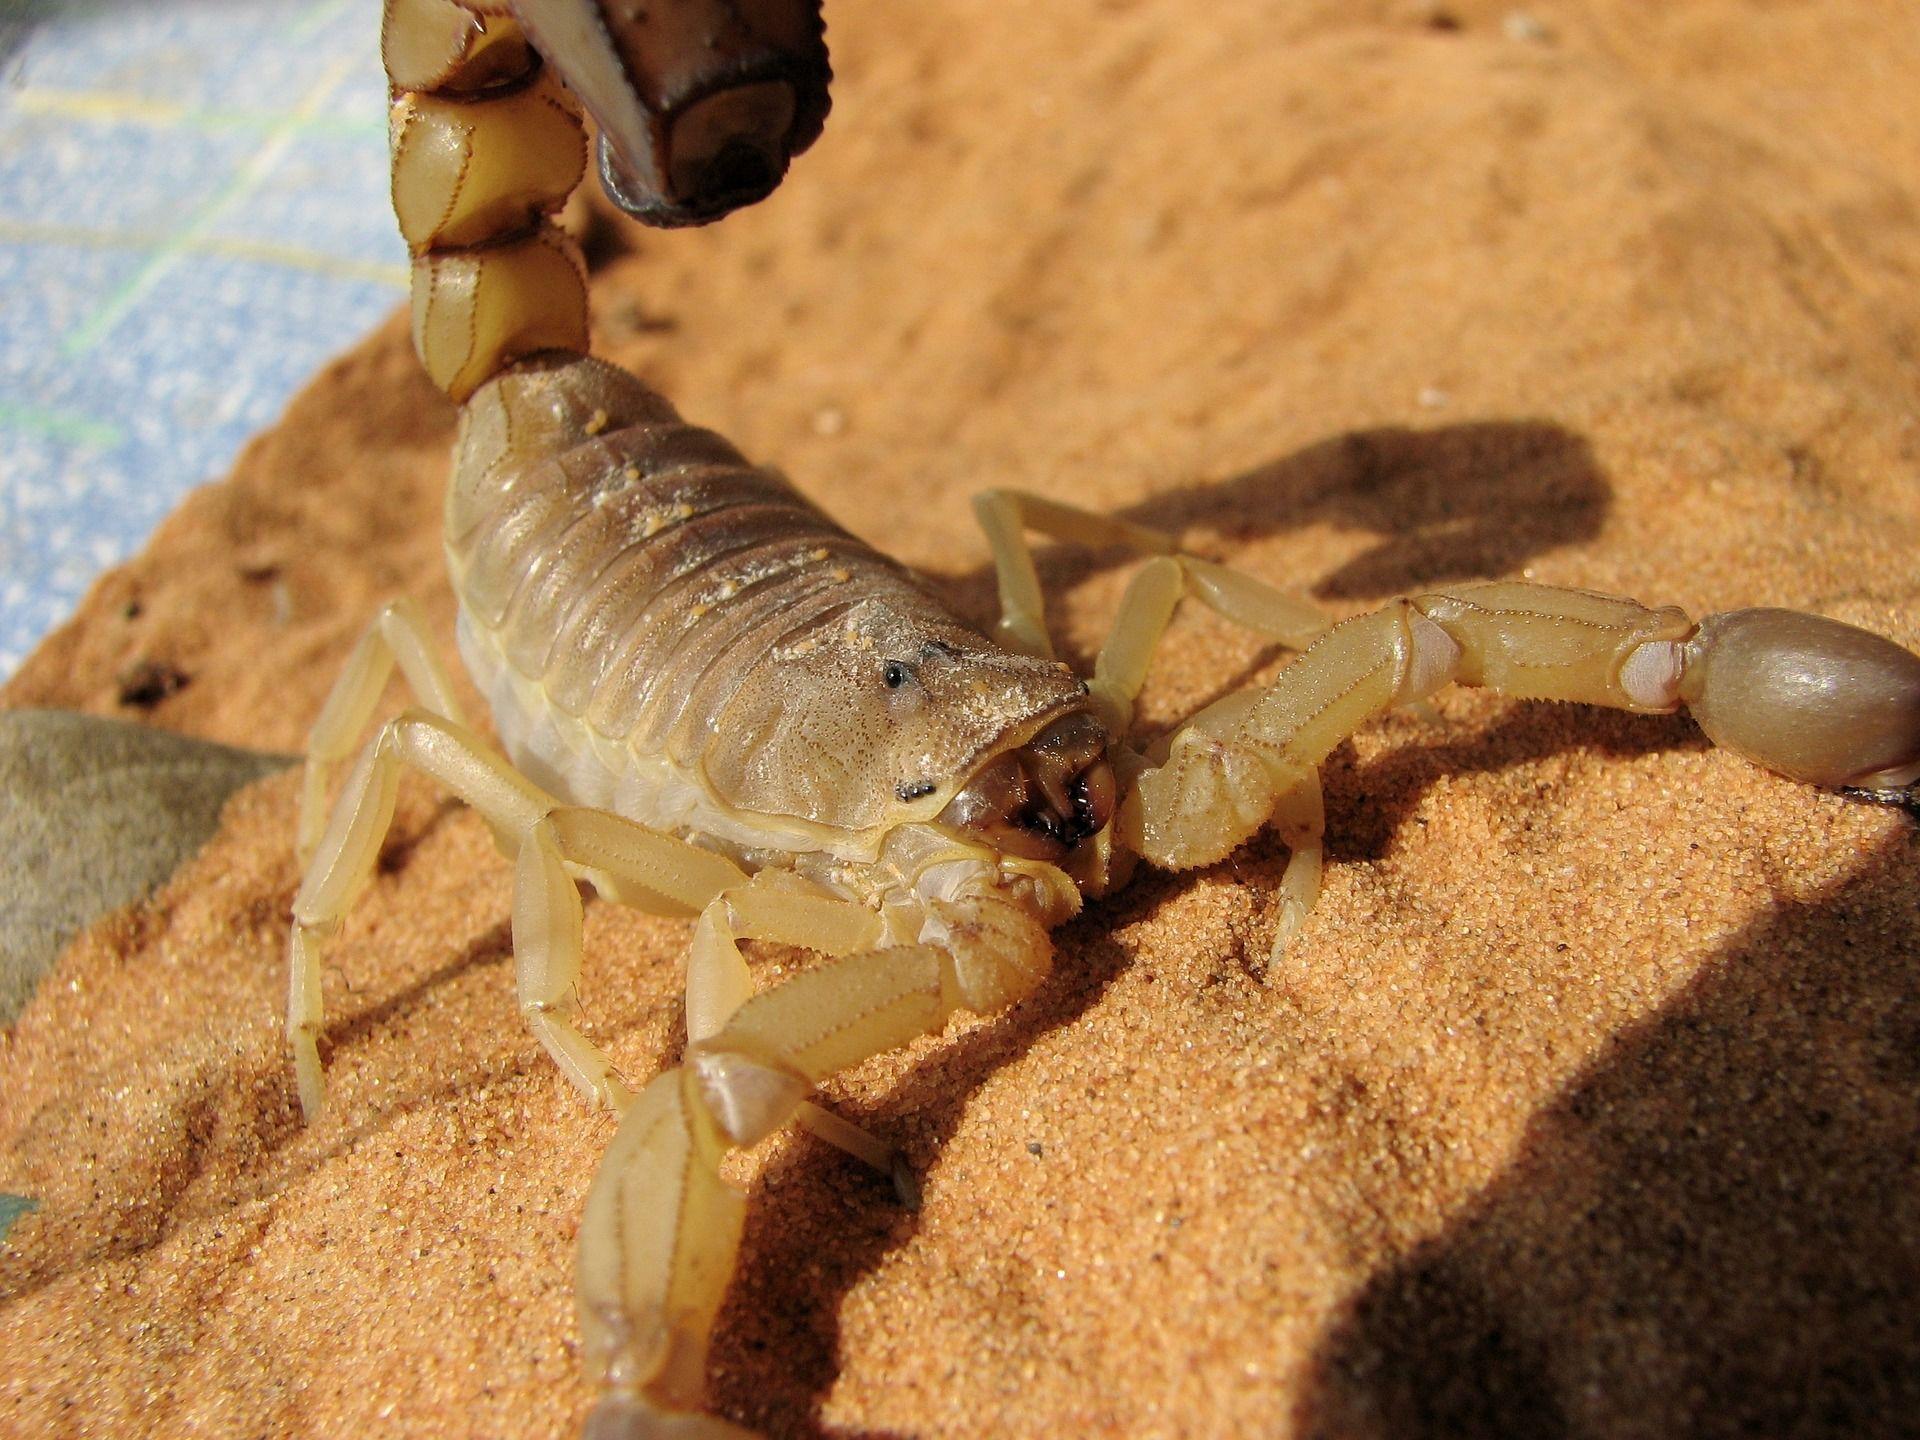 Смотреть фото животного скорпиона